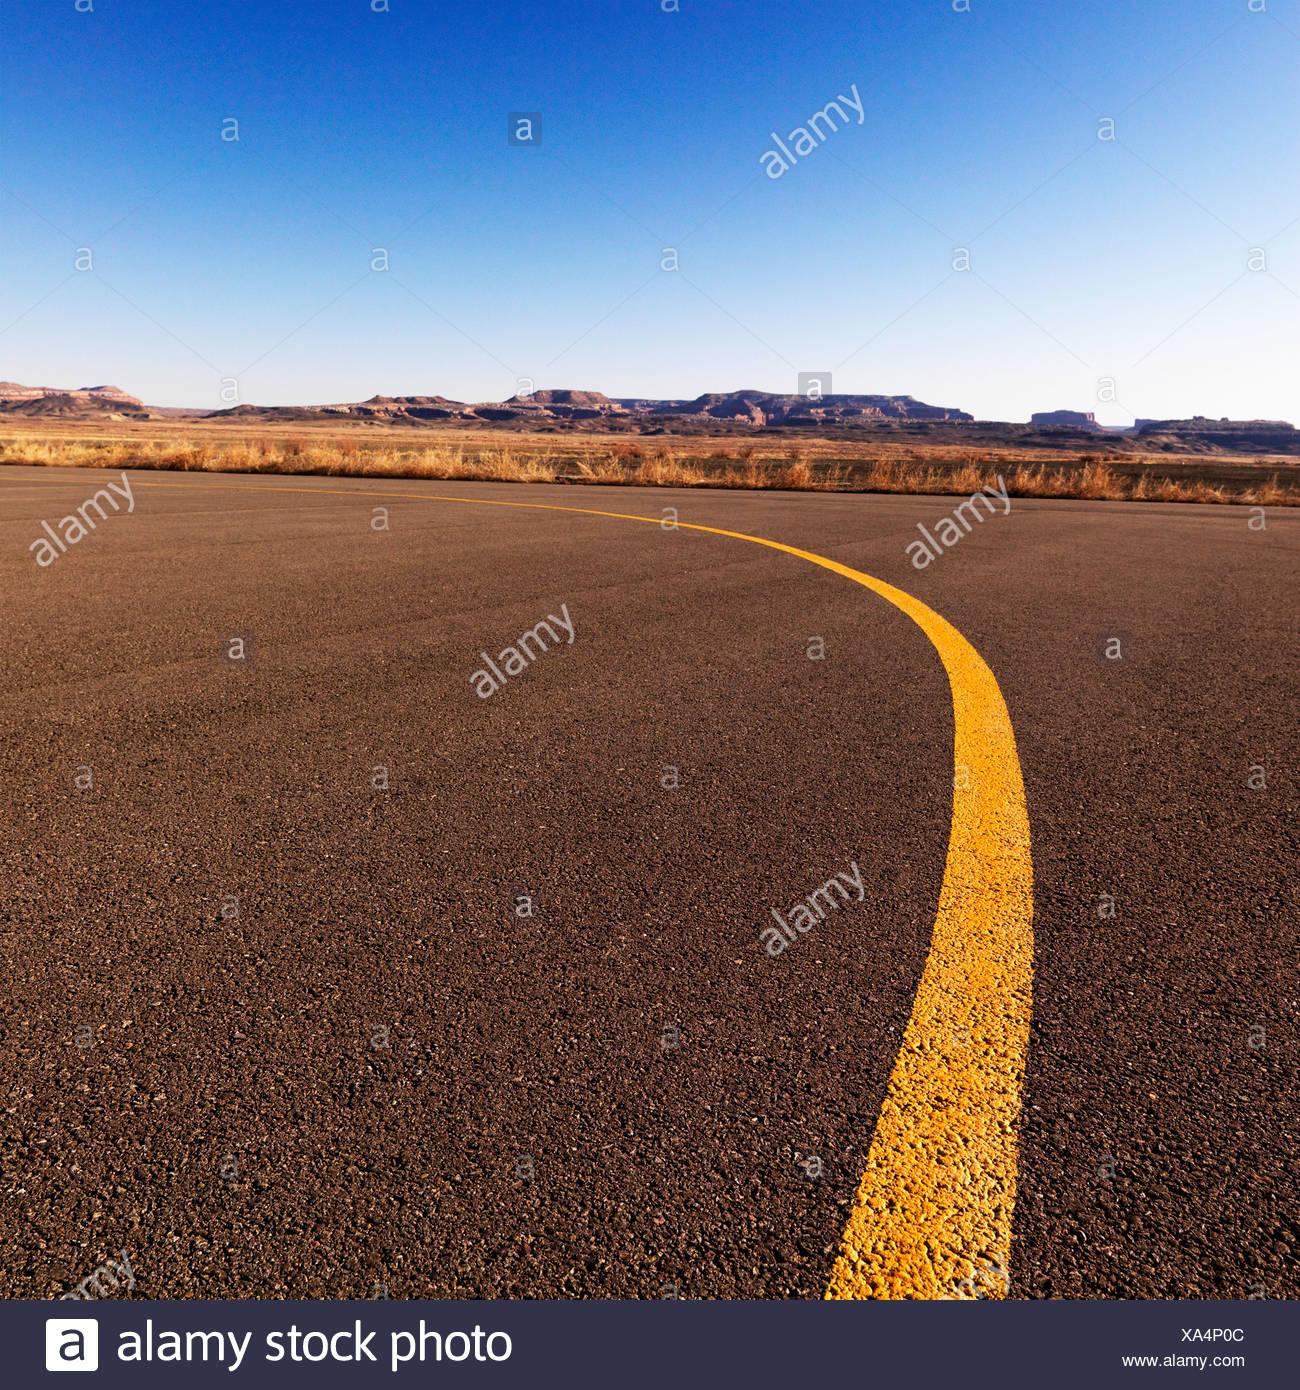 Línea amarilla sobre el asfalto a Canyonlands Field Airport Utah Estados Unidos Imagen De Stock